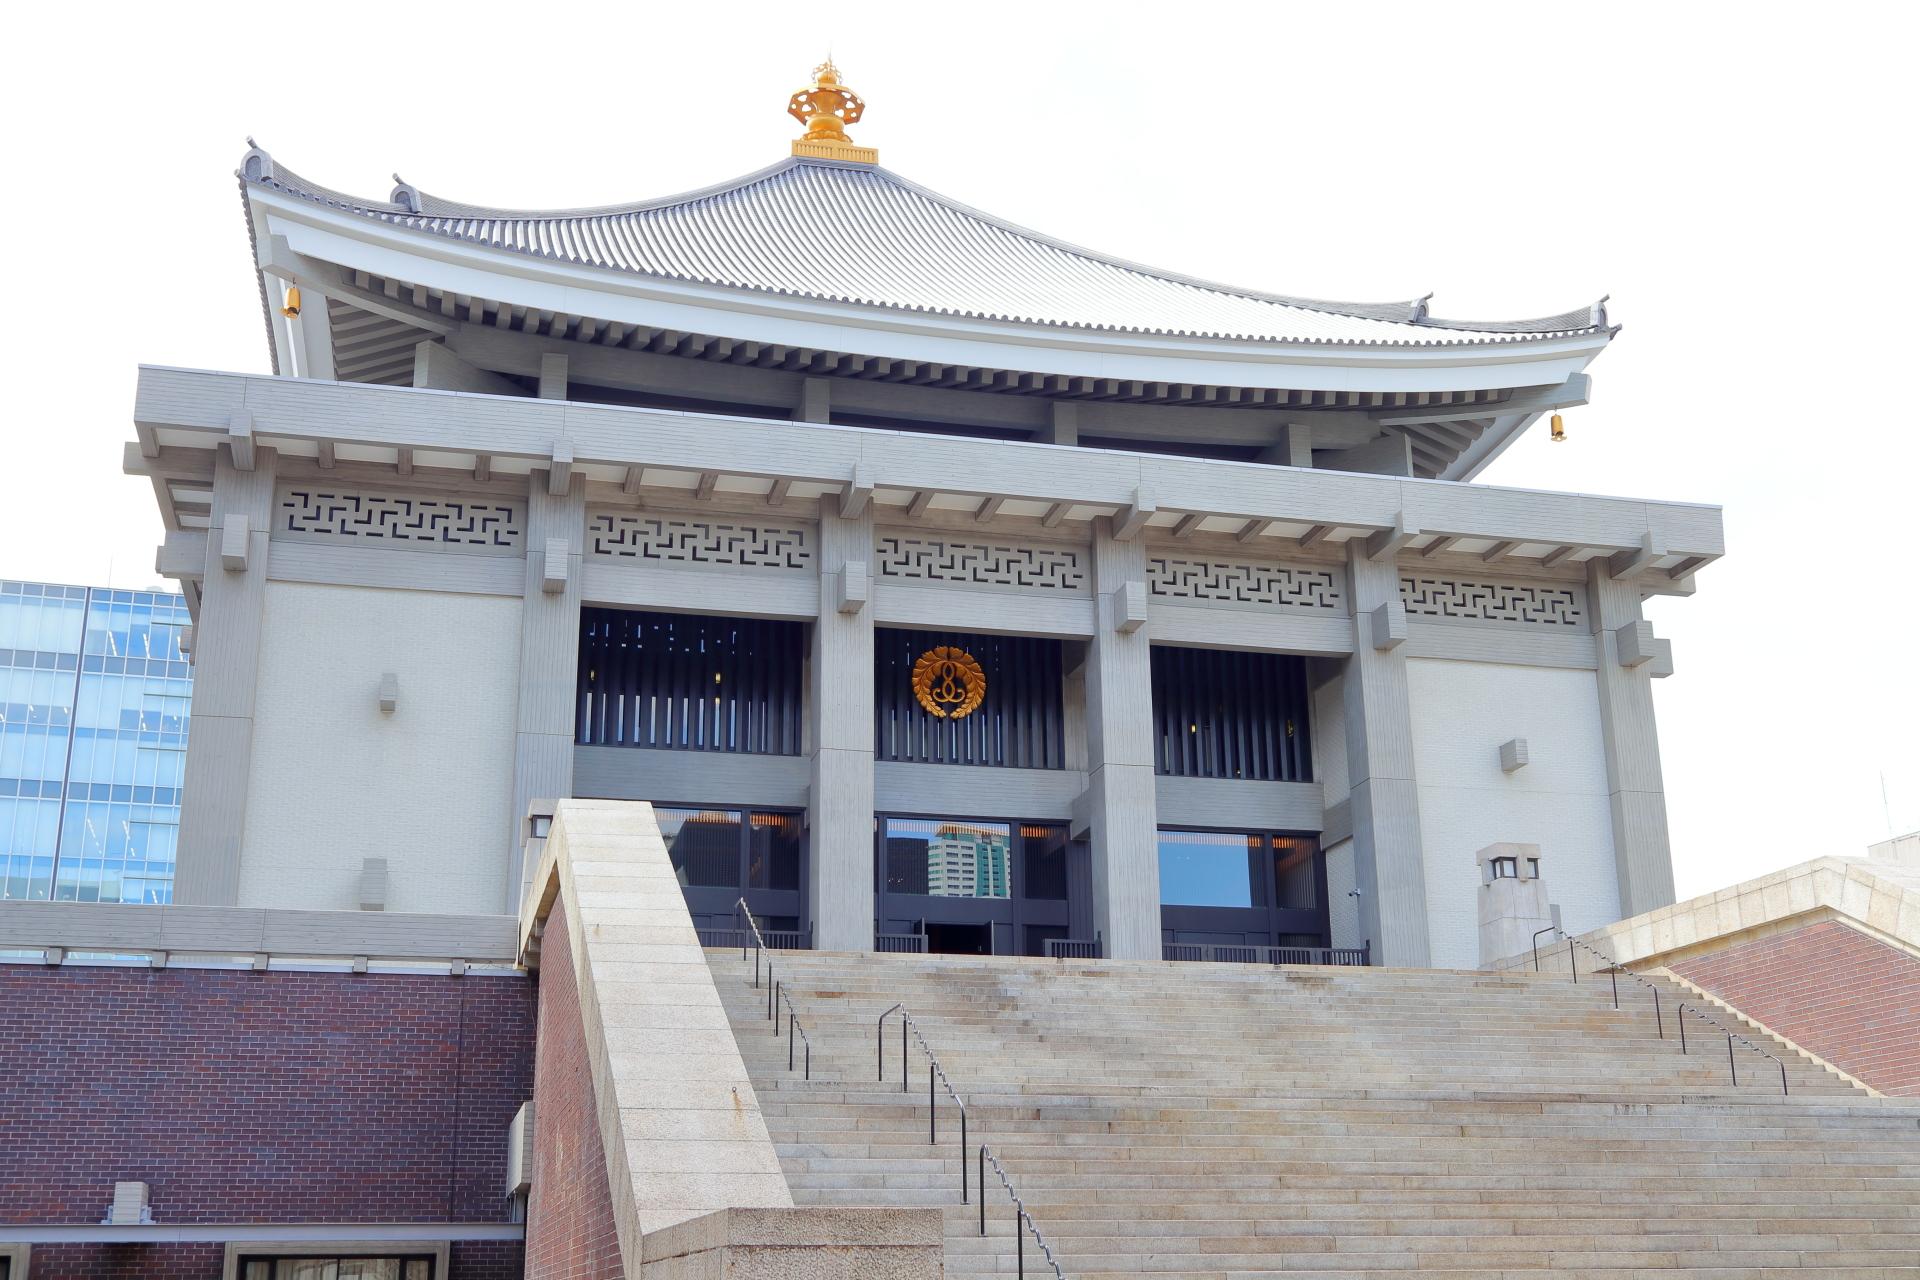 大阪・北御堂(浄土真宗本願寺派 本願寺津村別院)